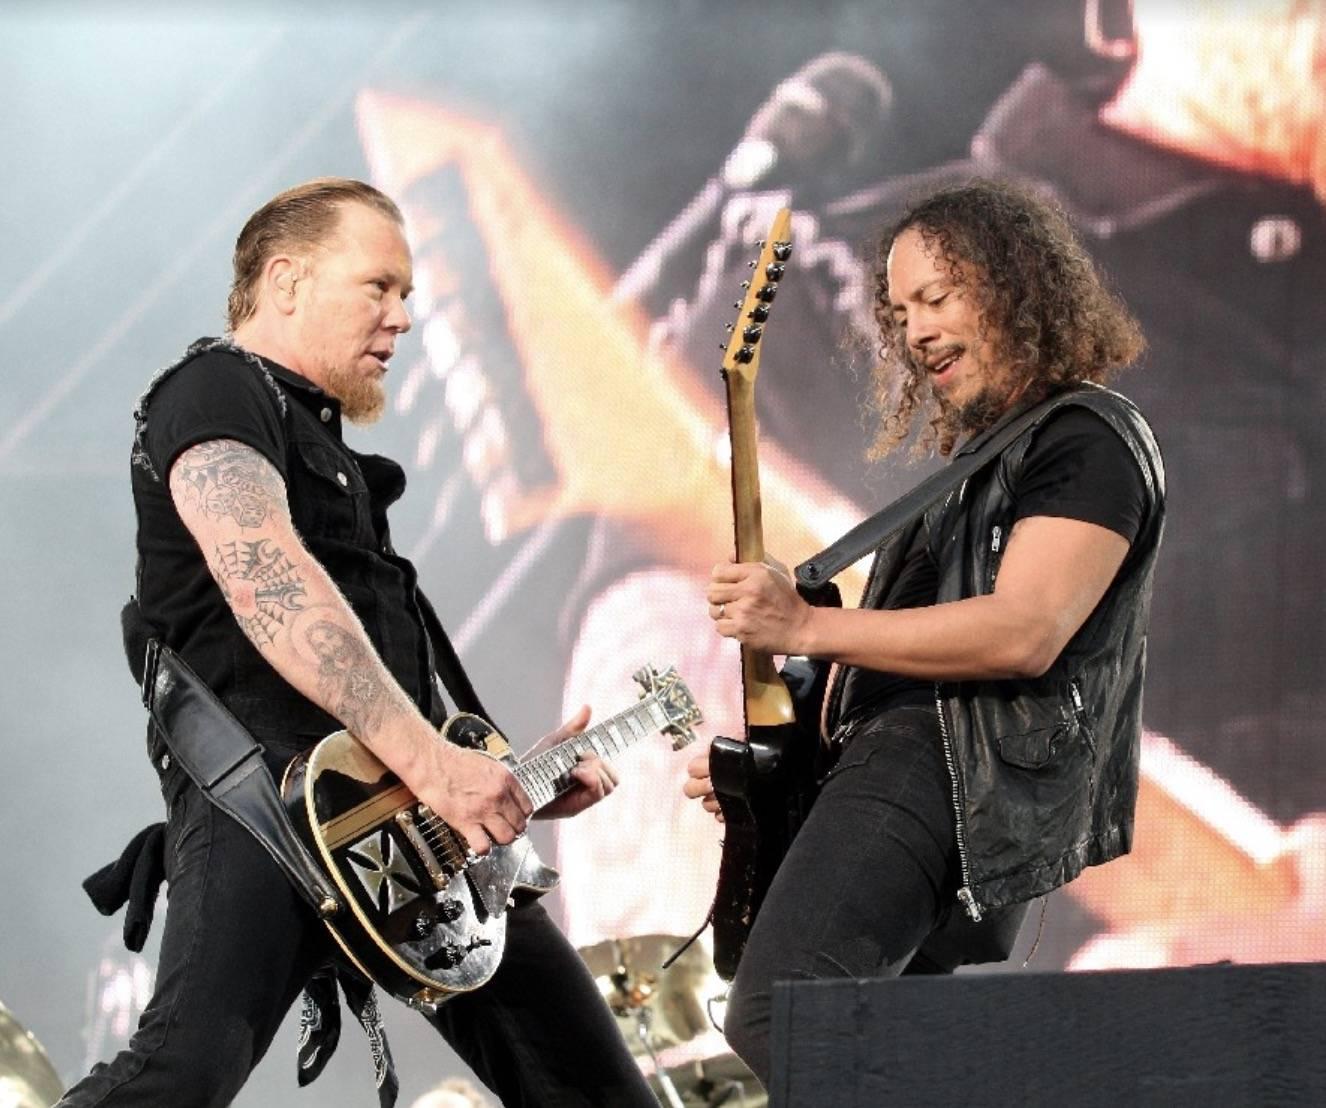 RETRO: Metallica v Praze v roce 2008 - Samé hity, ohňostroj a instrumentální zdatnost